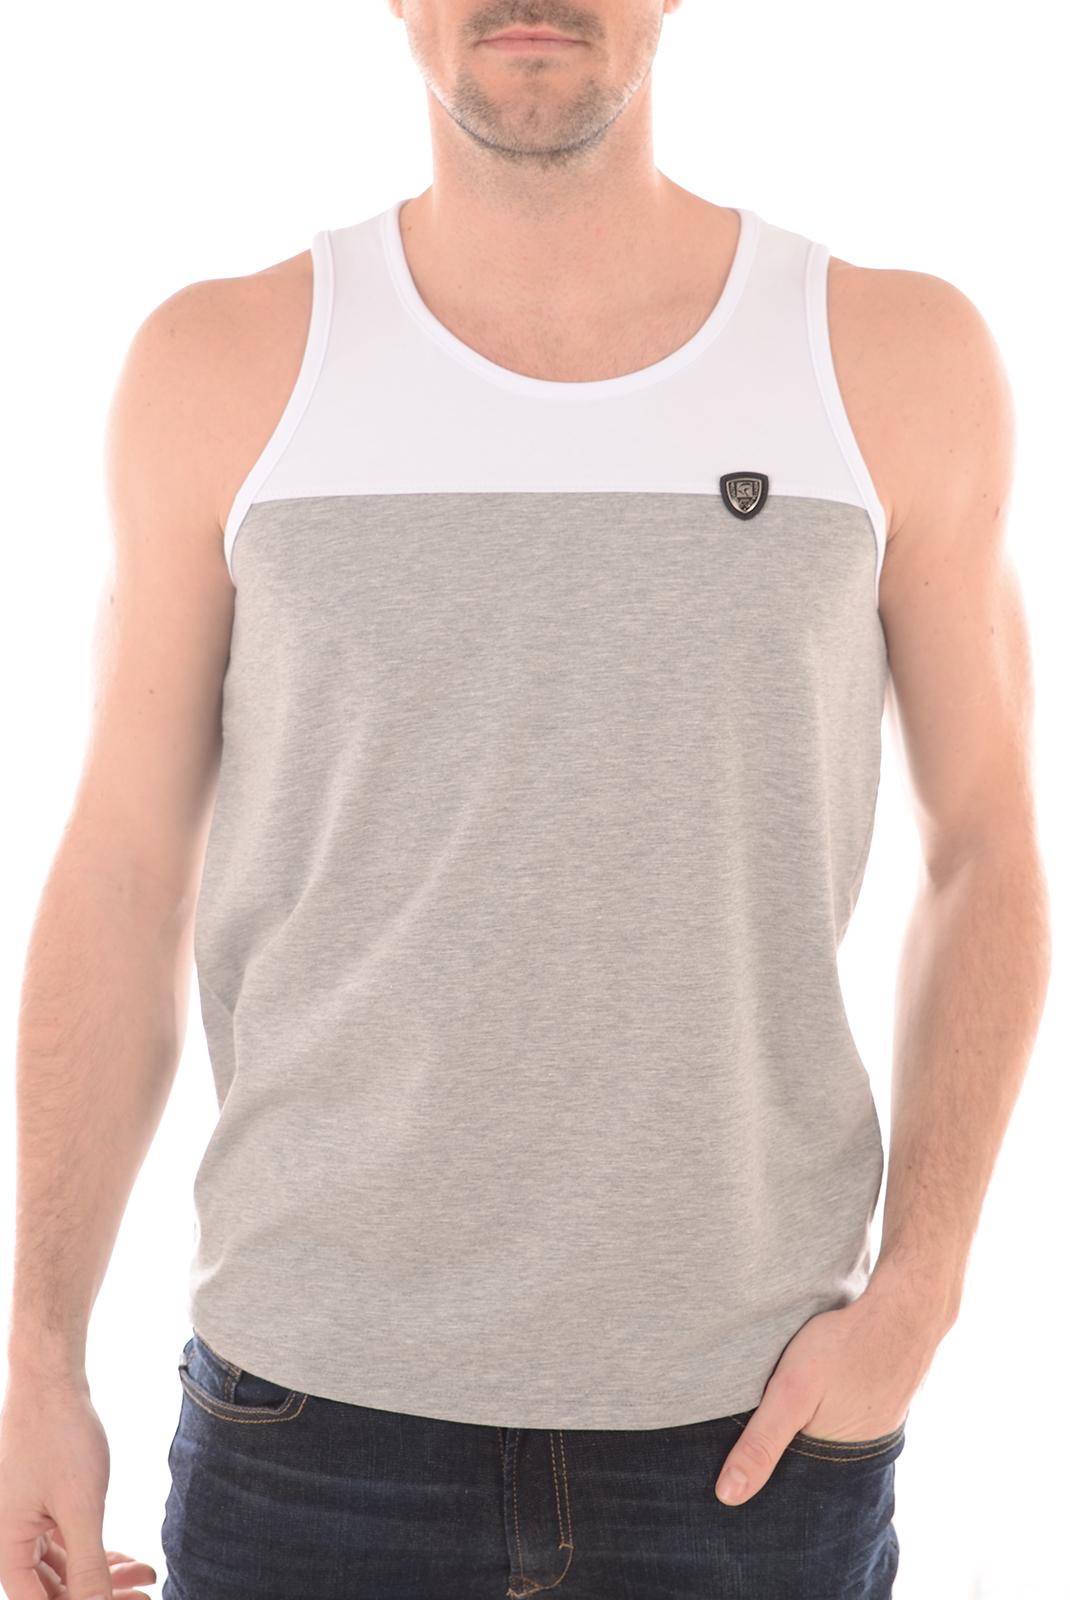 Tee-shirts  Redskins VULCANO WARNER GREY/CHINE/WHITE